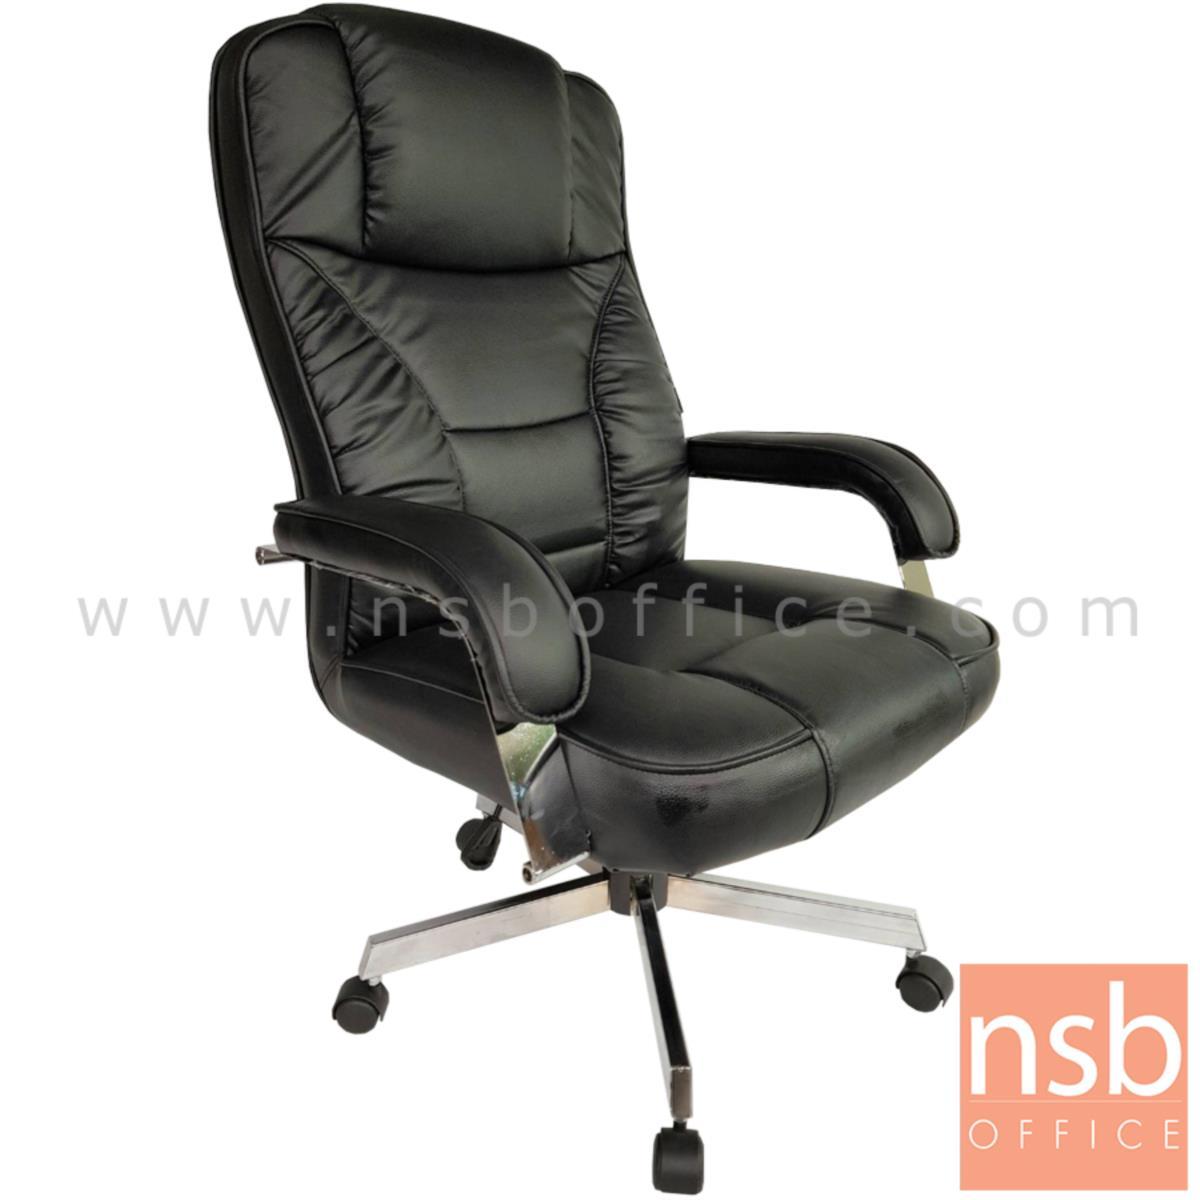 B01A337:เก้าอี้ผู้บริหาร รุ่น Chelveston โช๊คแก๊ส มีก้อนโยก ขาเหล็กชุบโครเมี่ยม